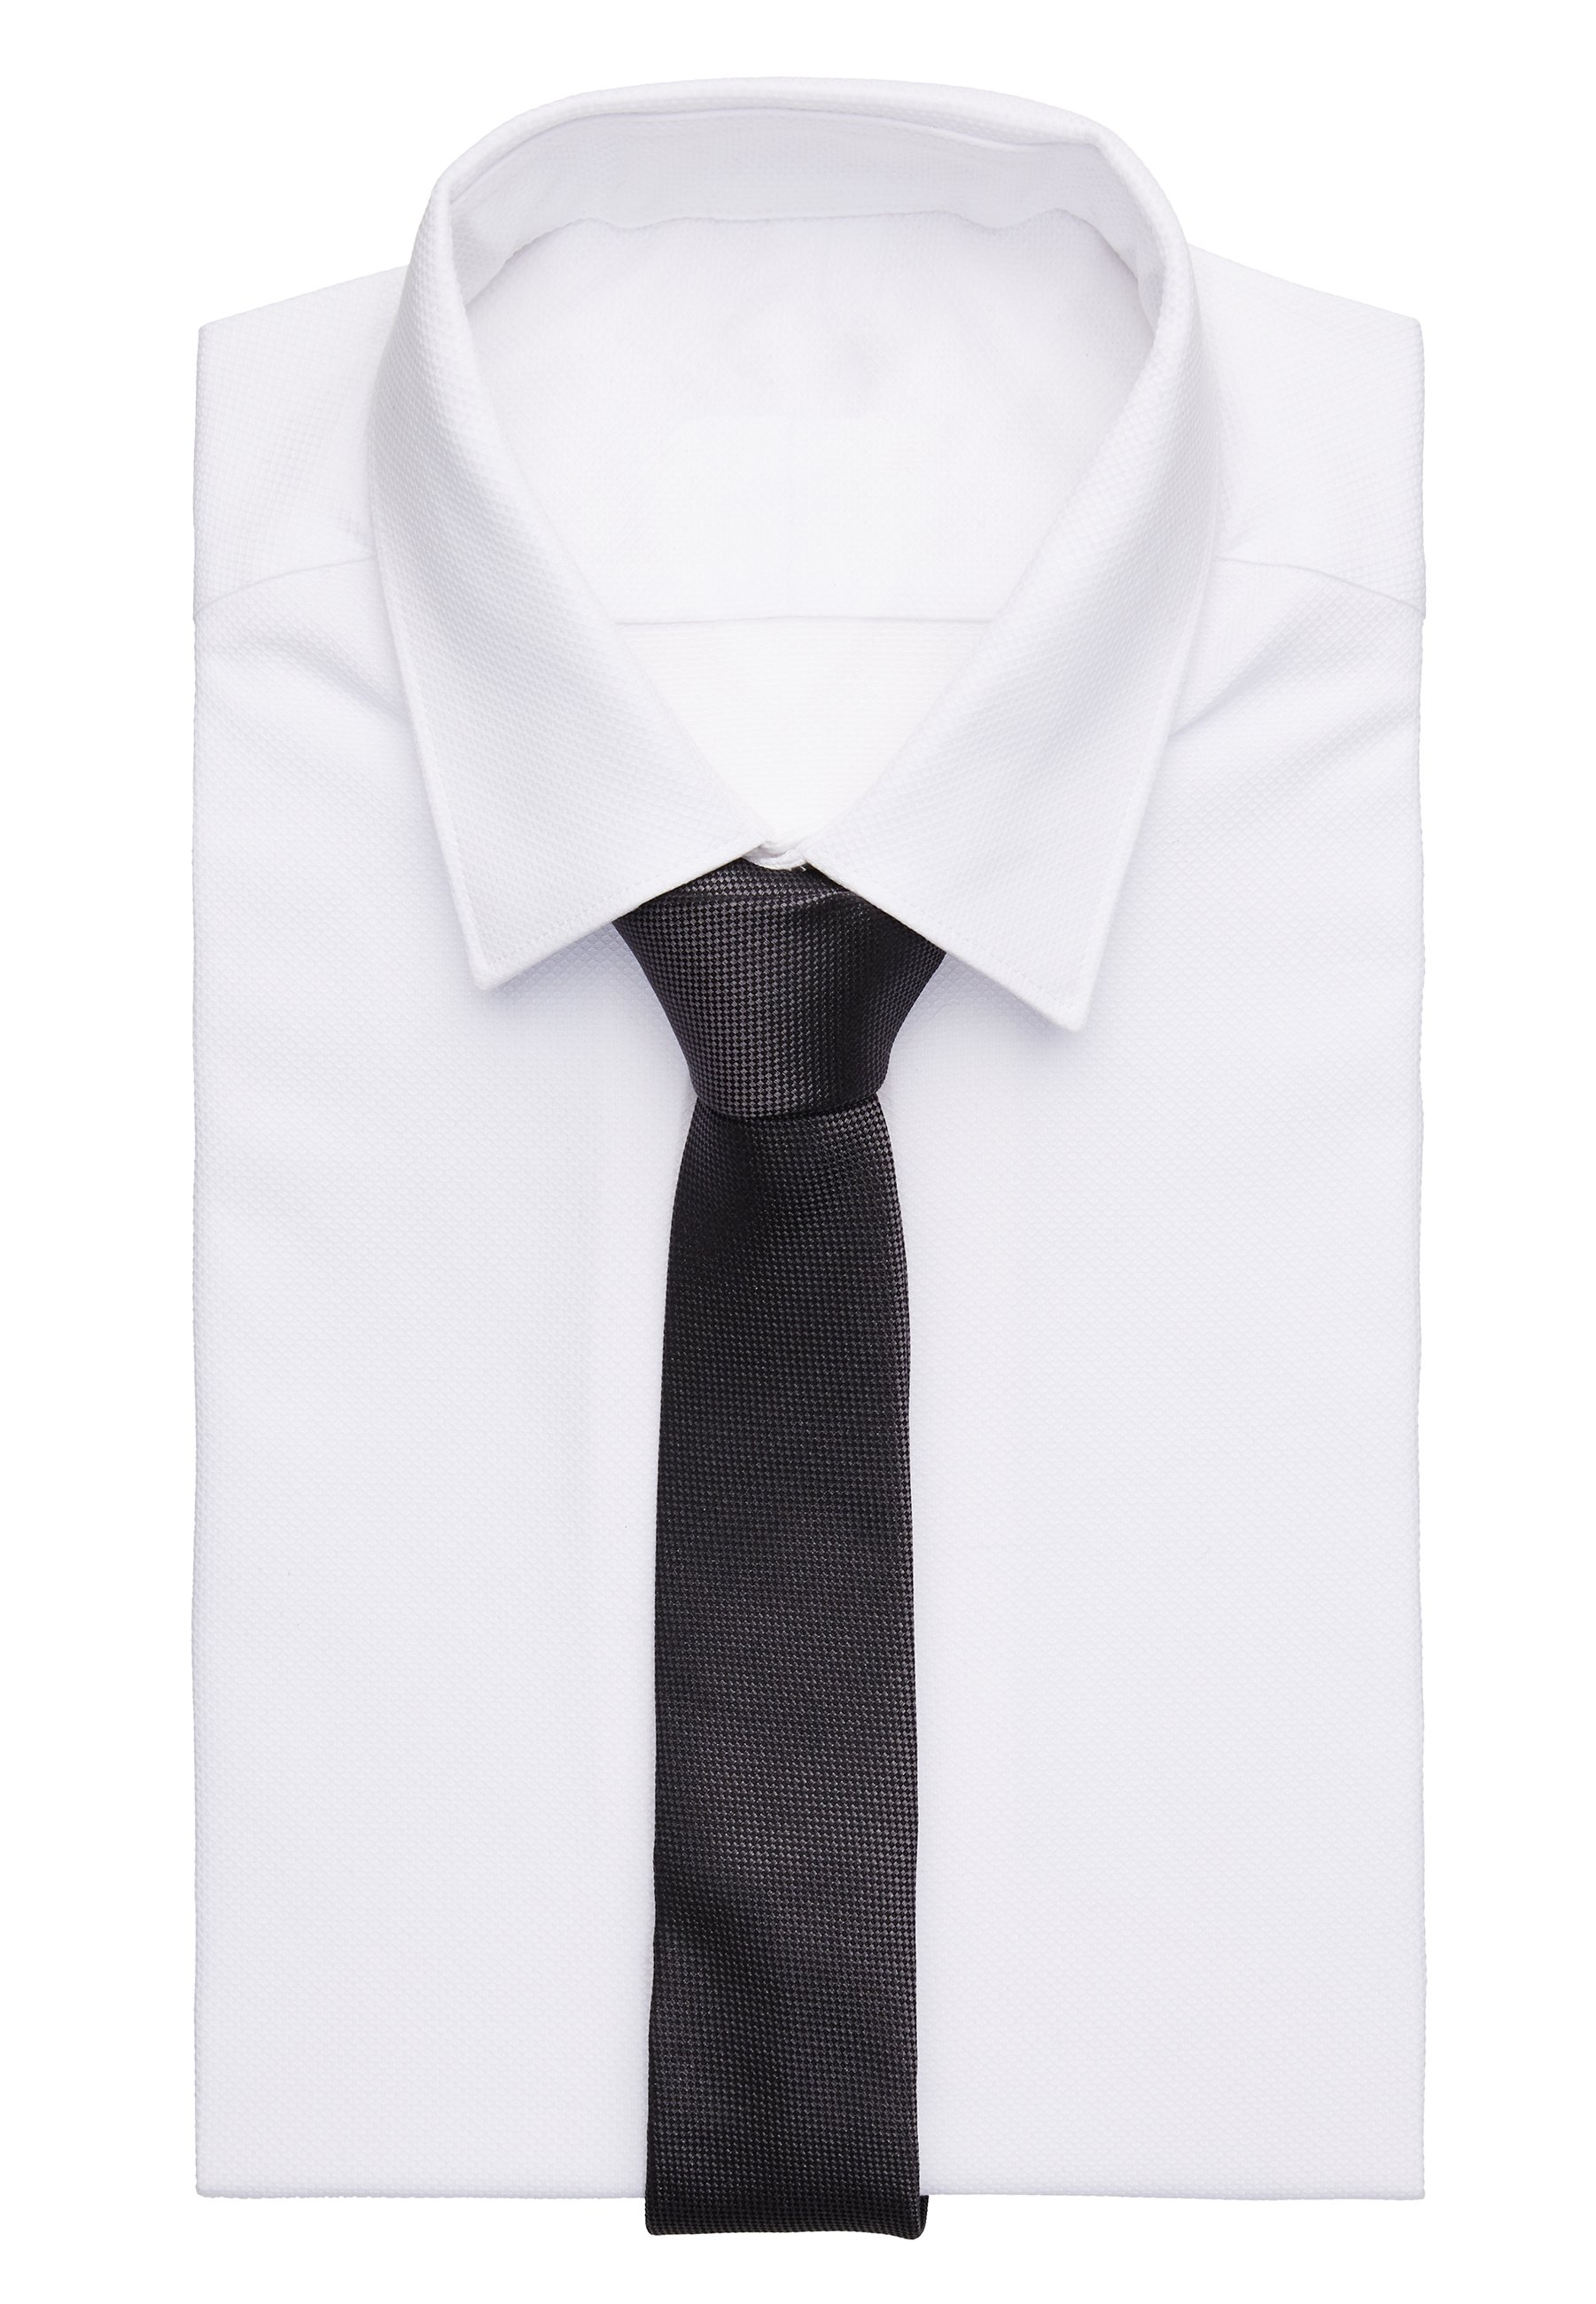 DRYKORN TIE SLIM - Krawatte - grey/grau - Herrenaccessoires yUyeE